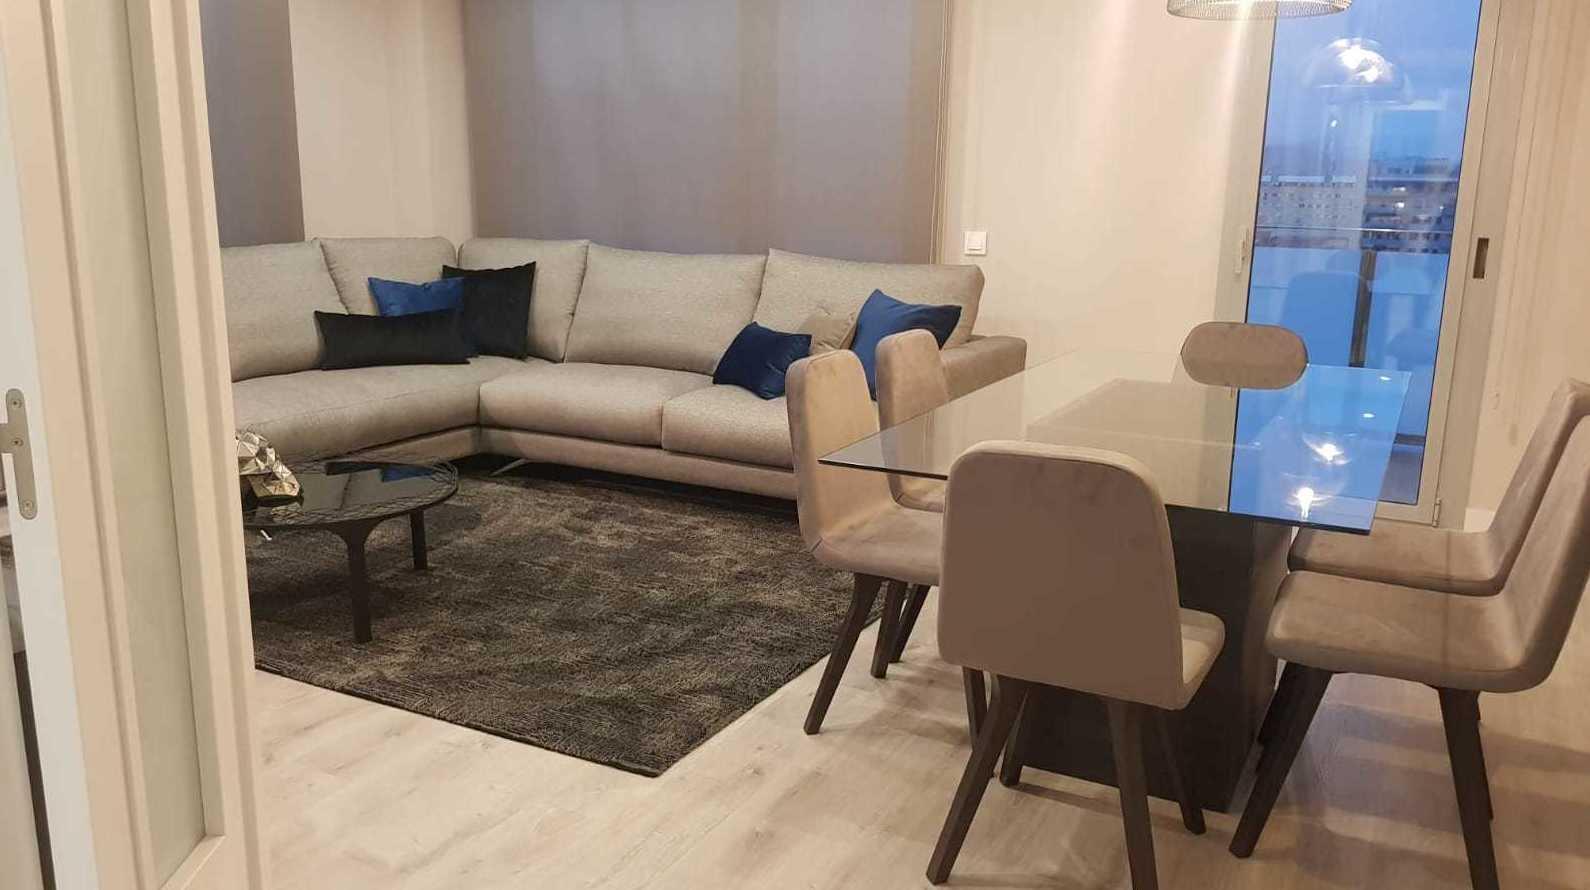 Foto 10 de Tienda de muebles en L'Hospitalet de Llobregat | Chousa